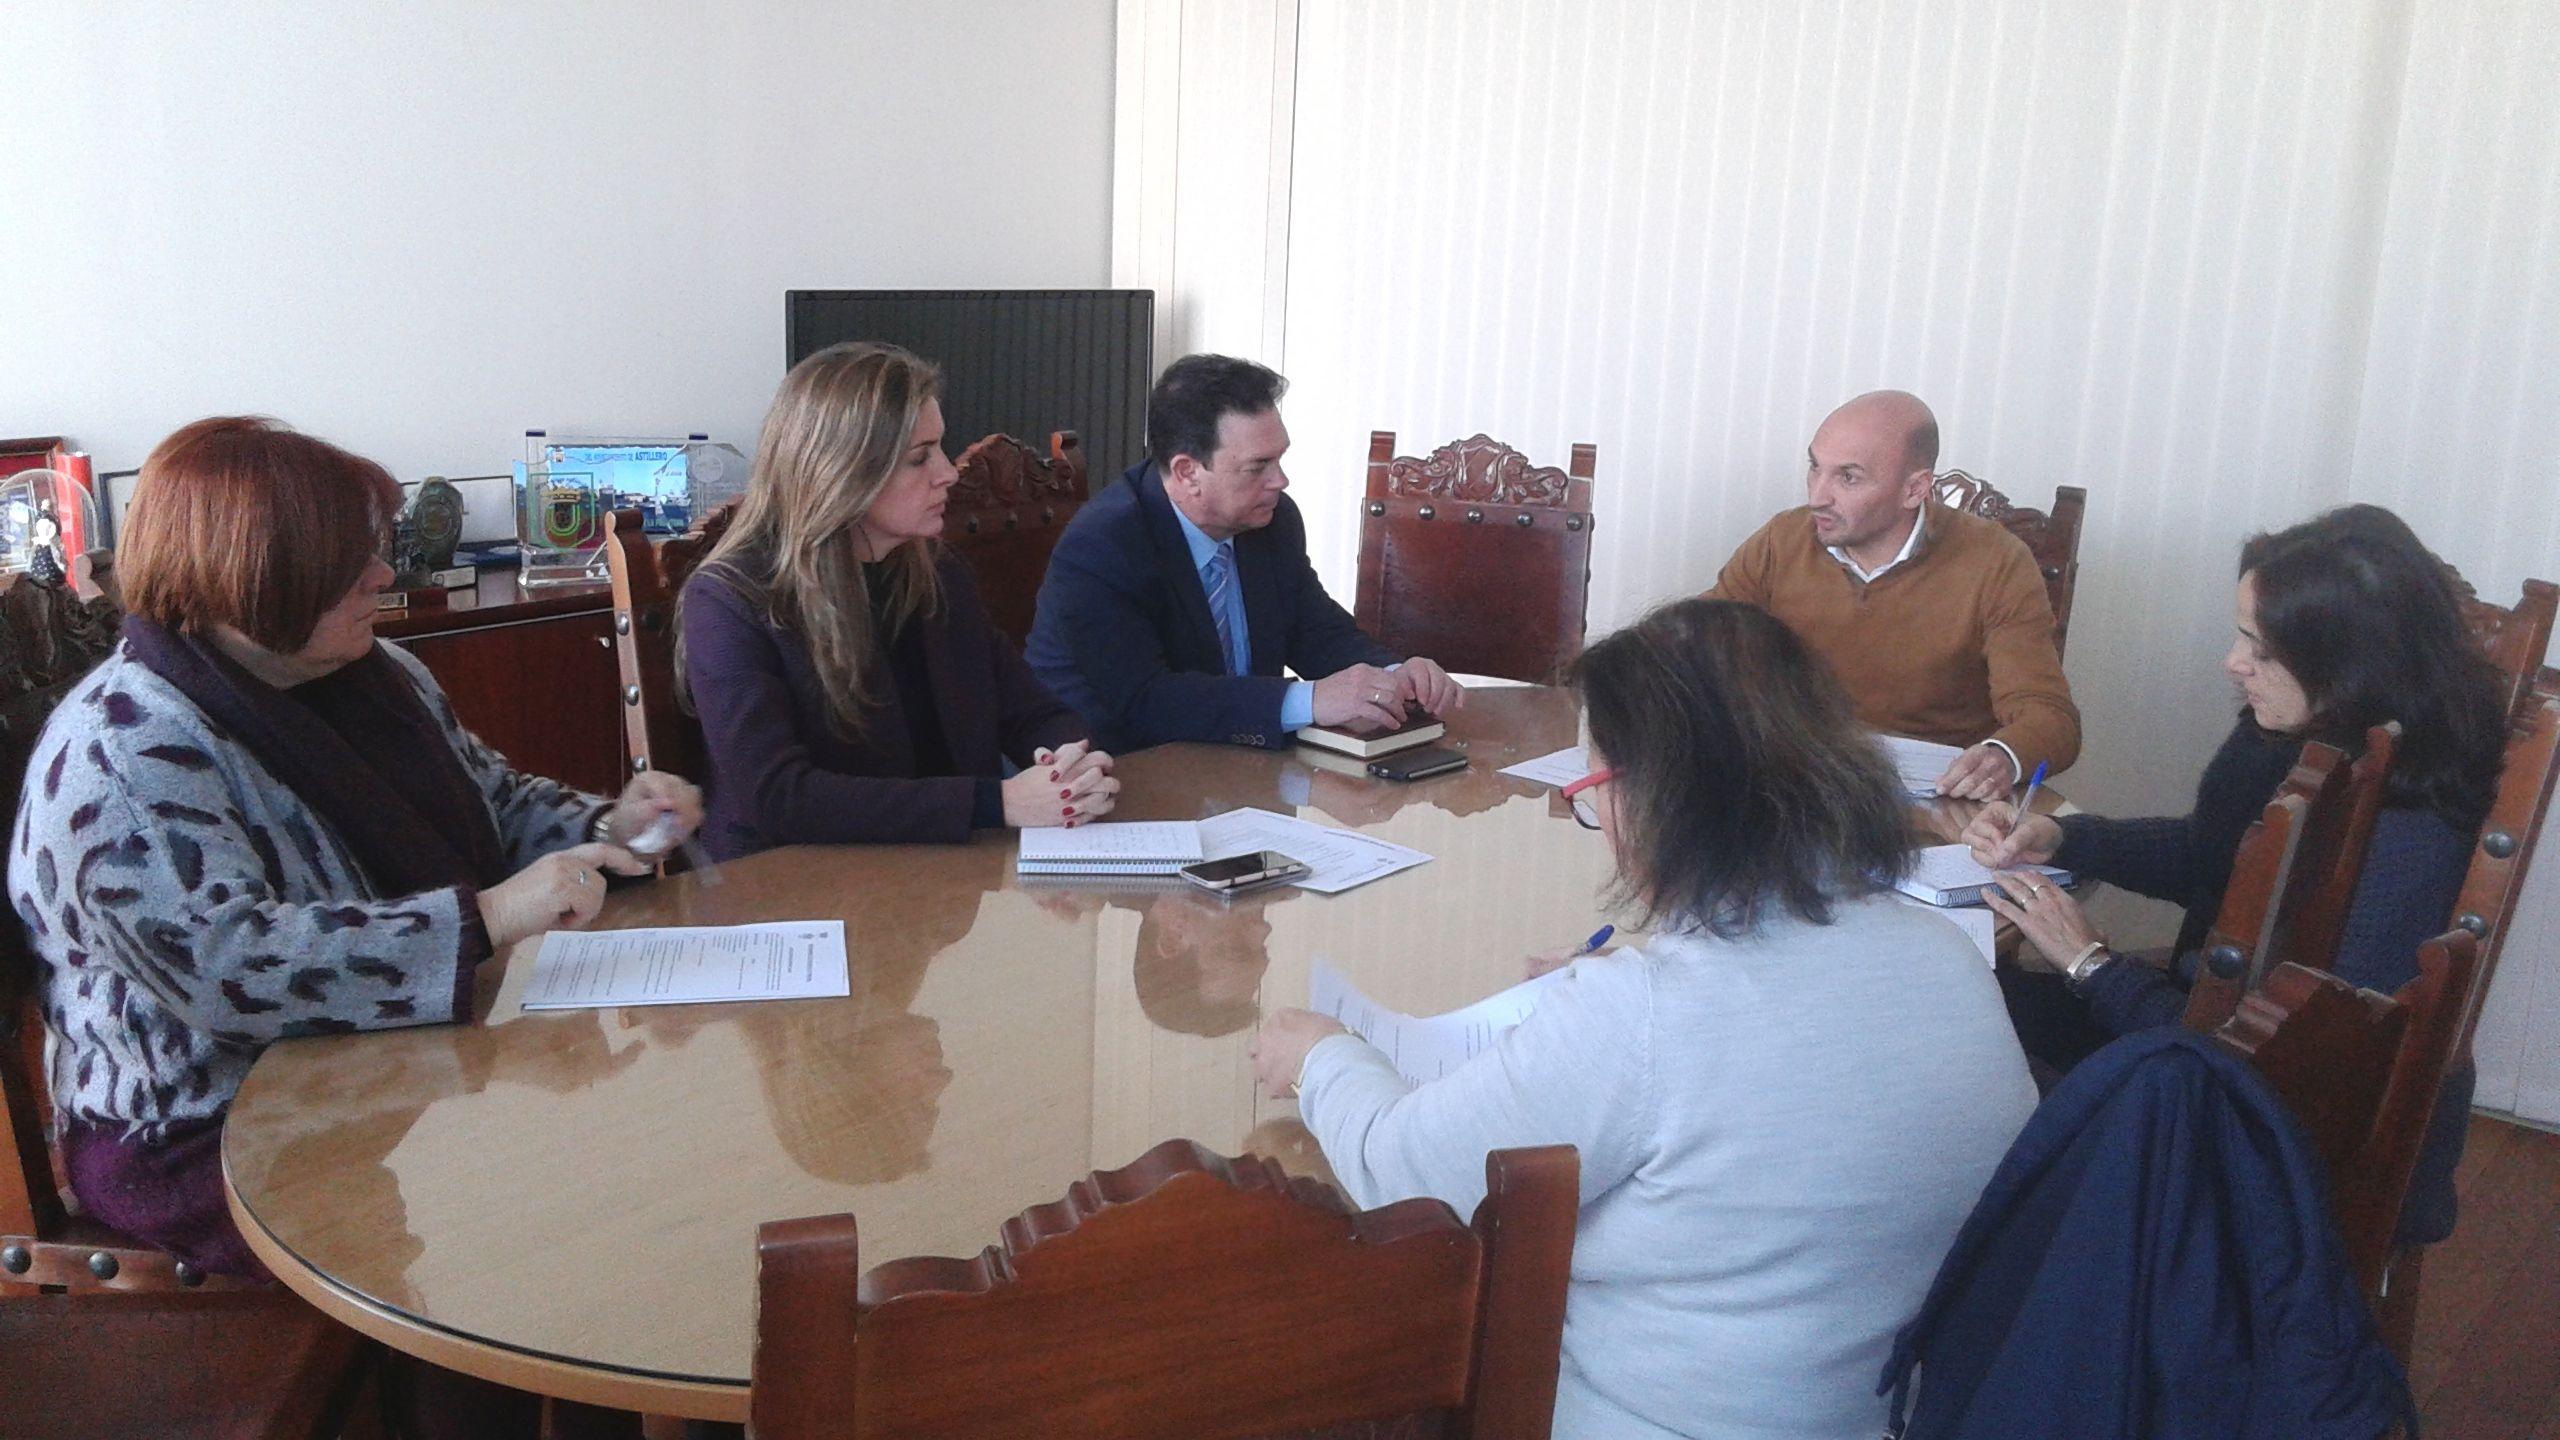 Cándida Verdier, Carmen Jiménez y Joaquín Guerrero, junto a técnicos del Ayuntamiento